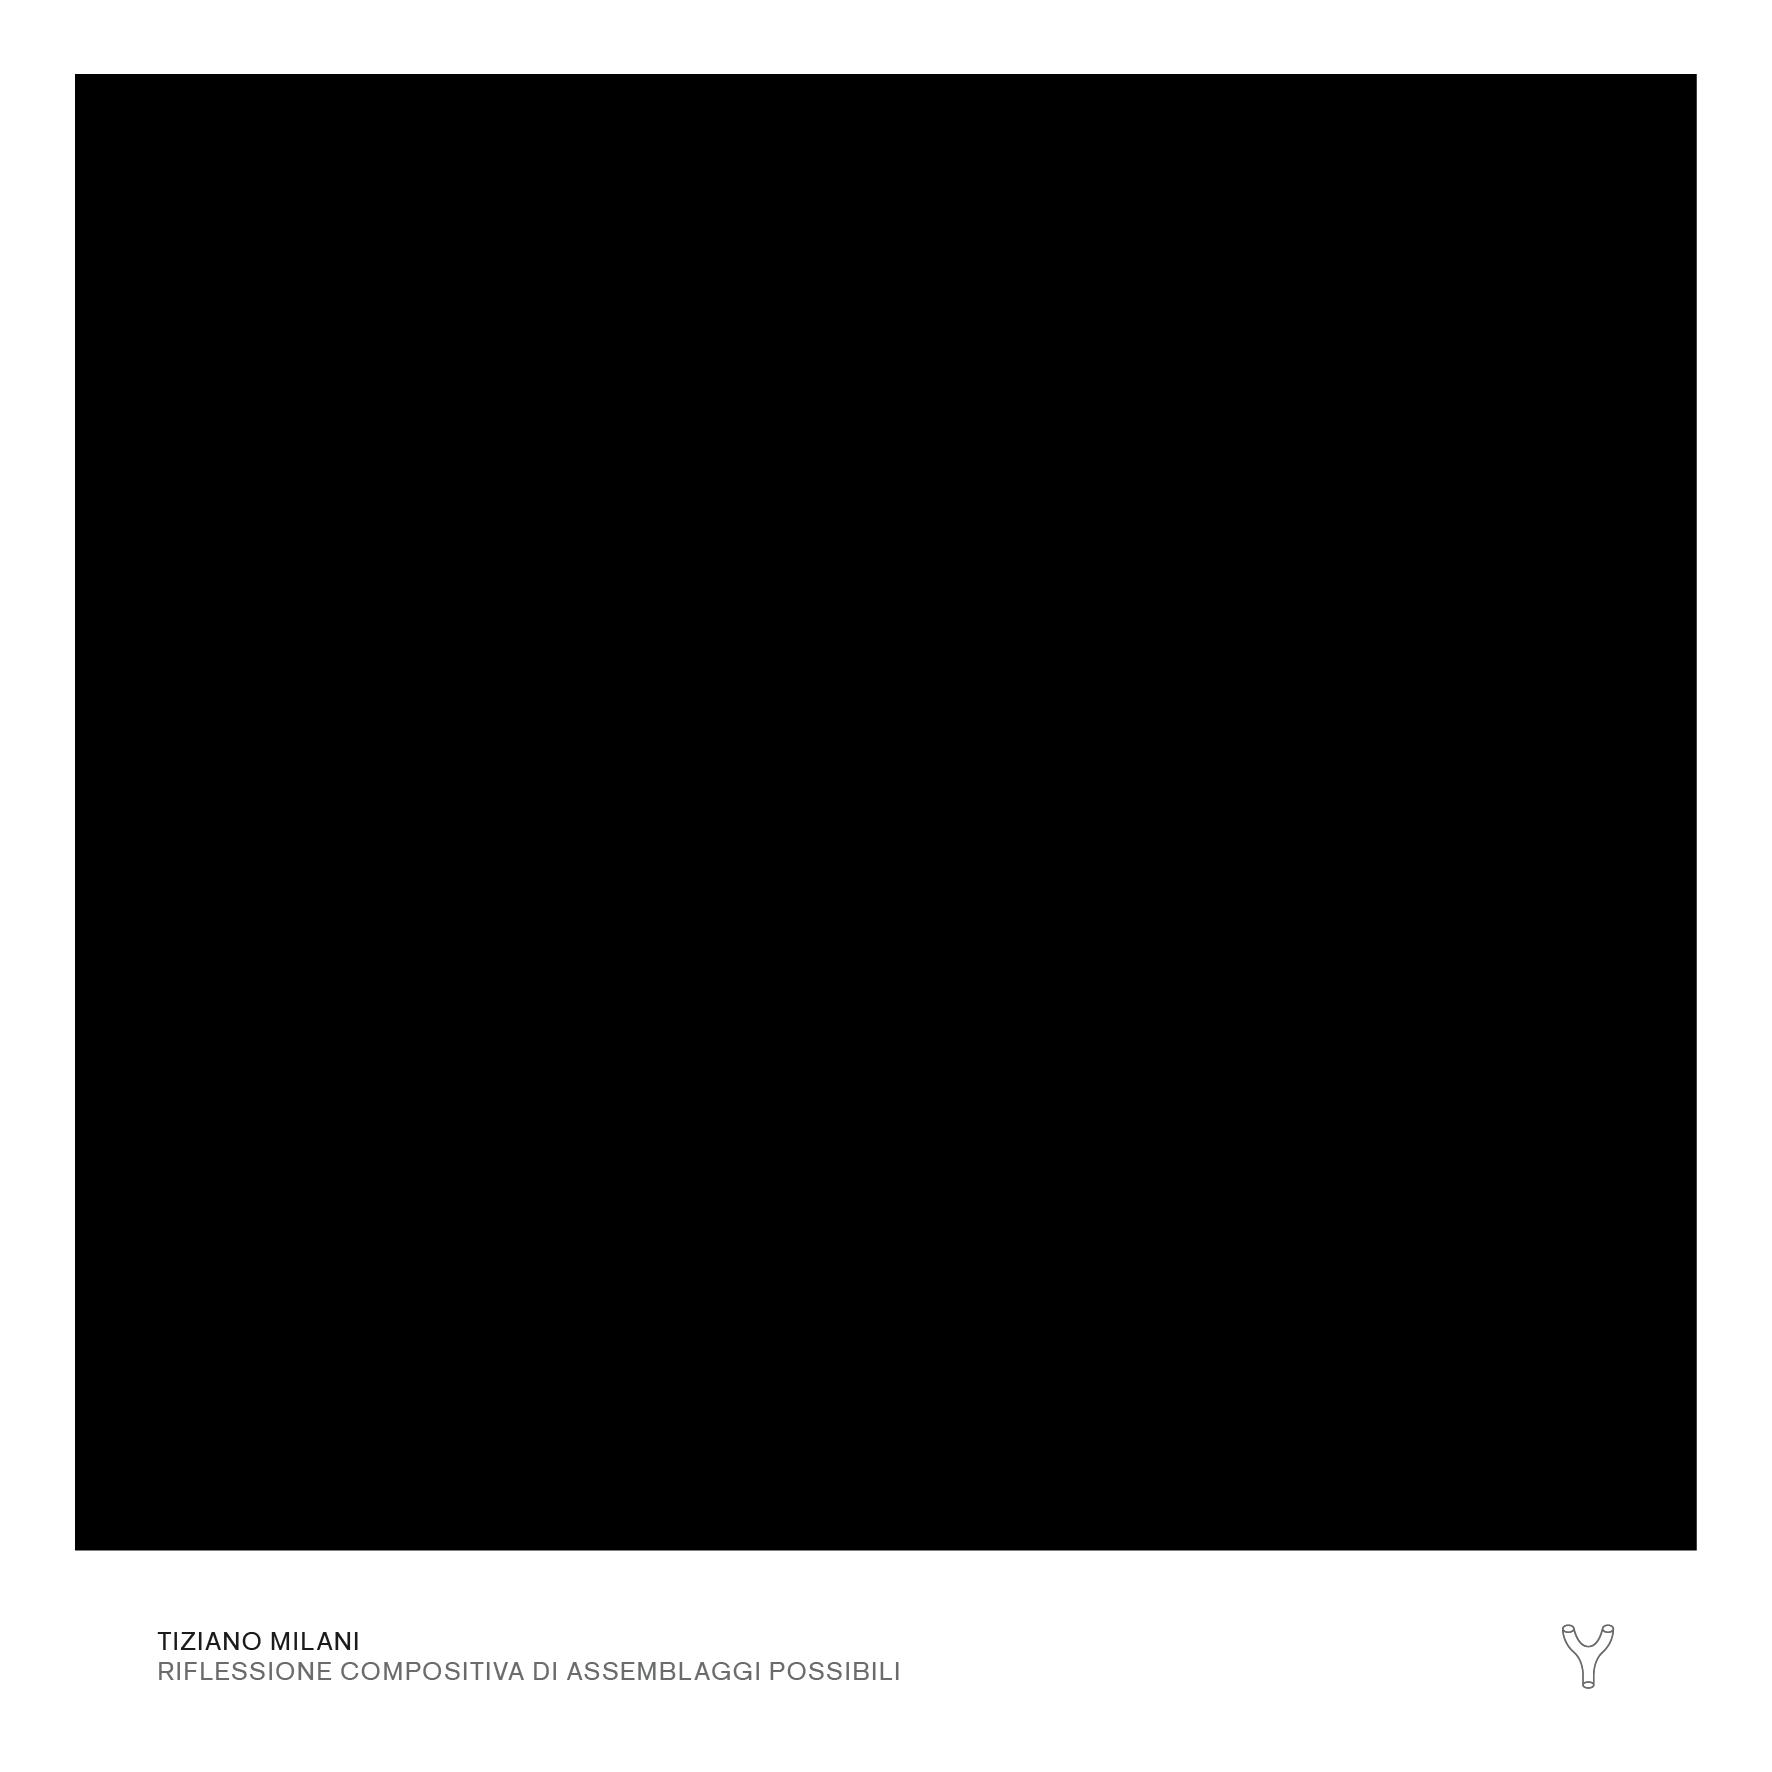 Tiziano Milani — Riflessione Compositiva di Assemblaggi Possibili